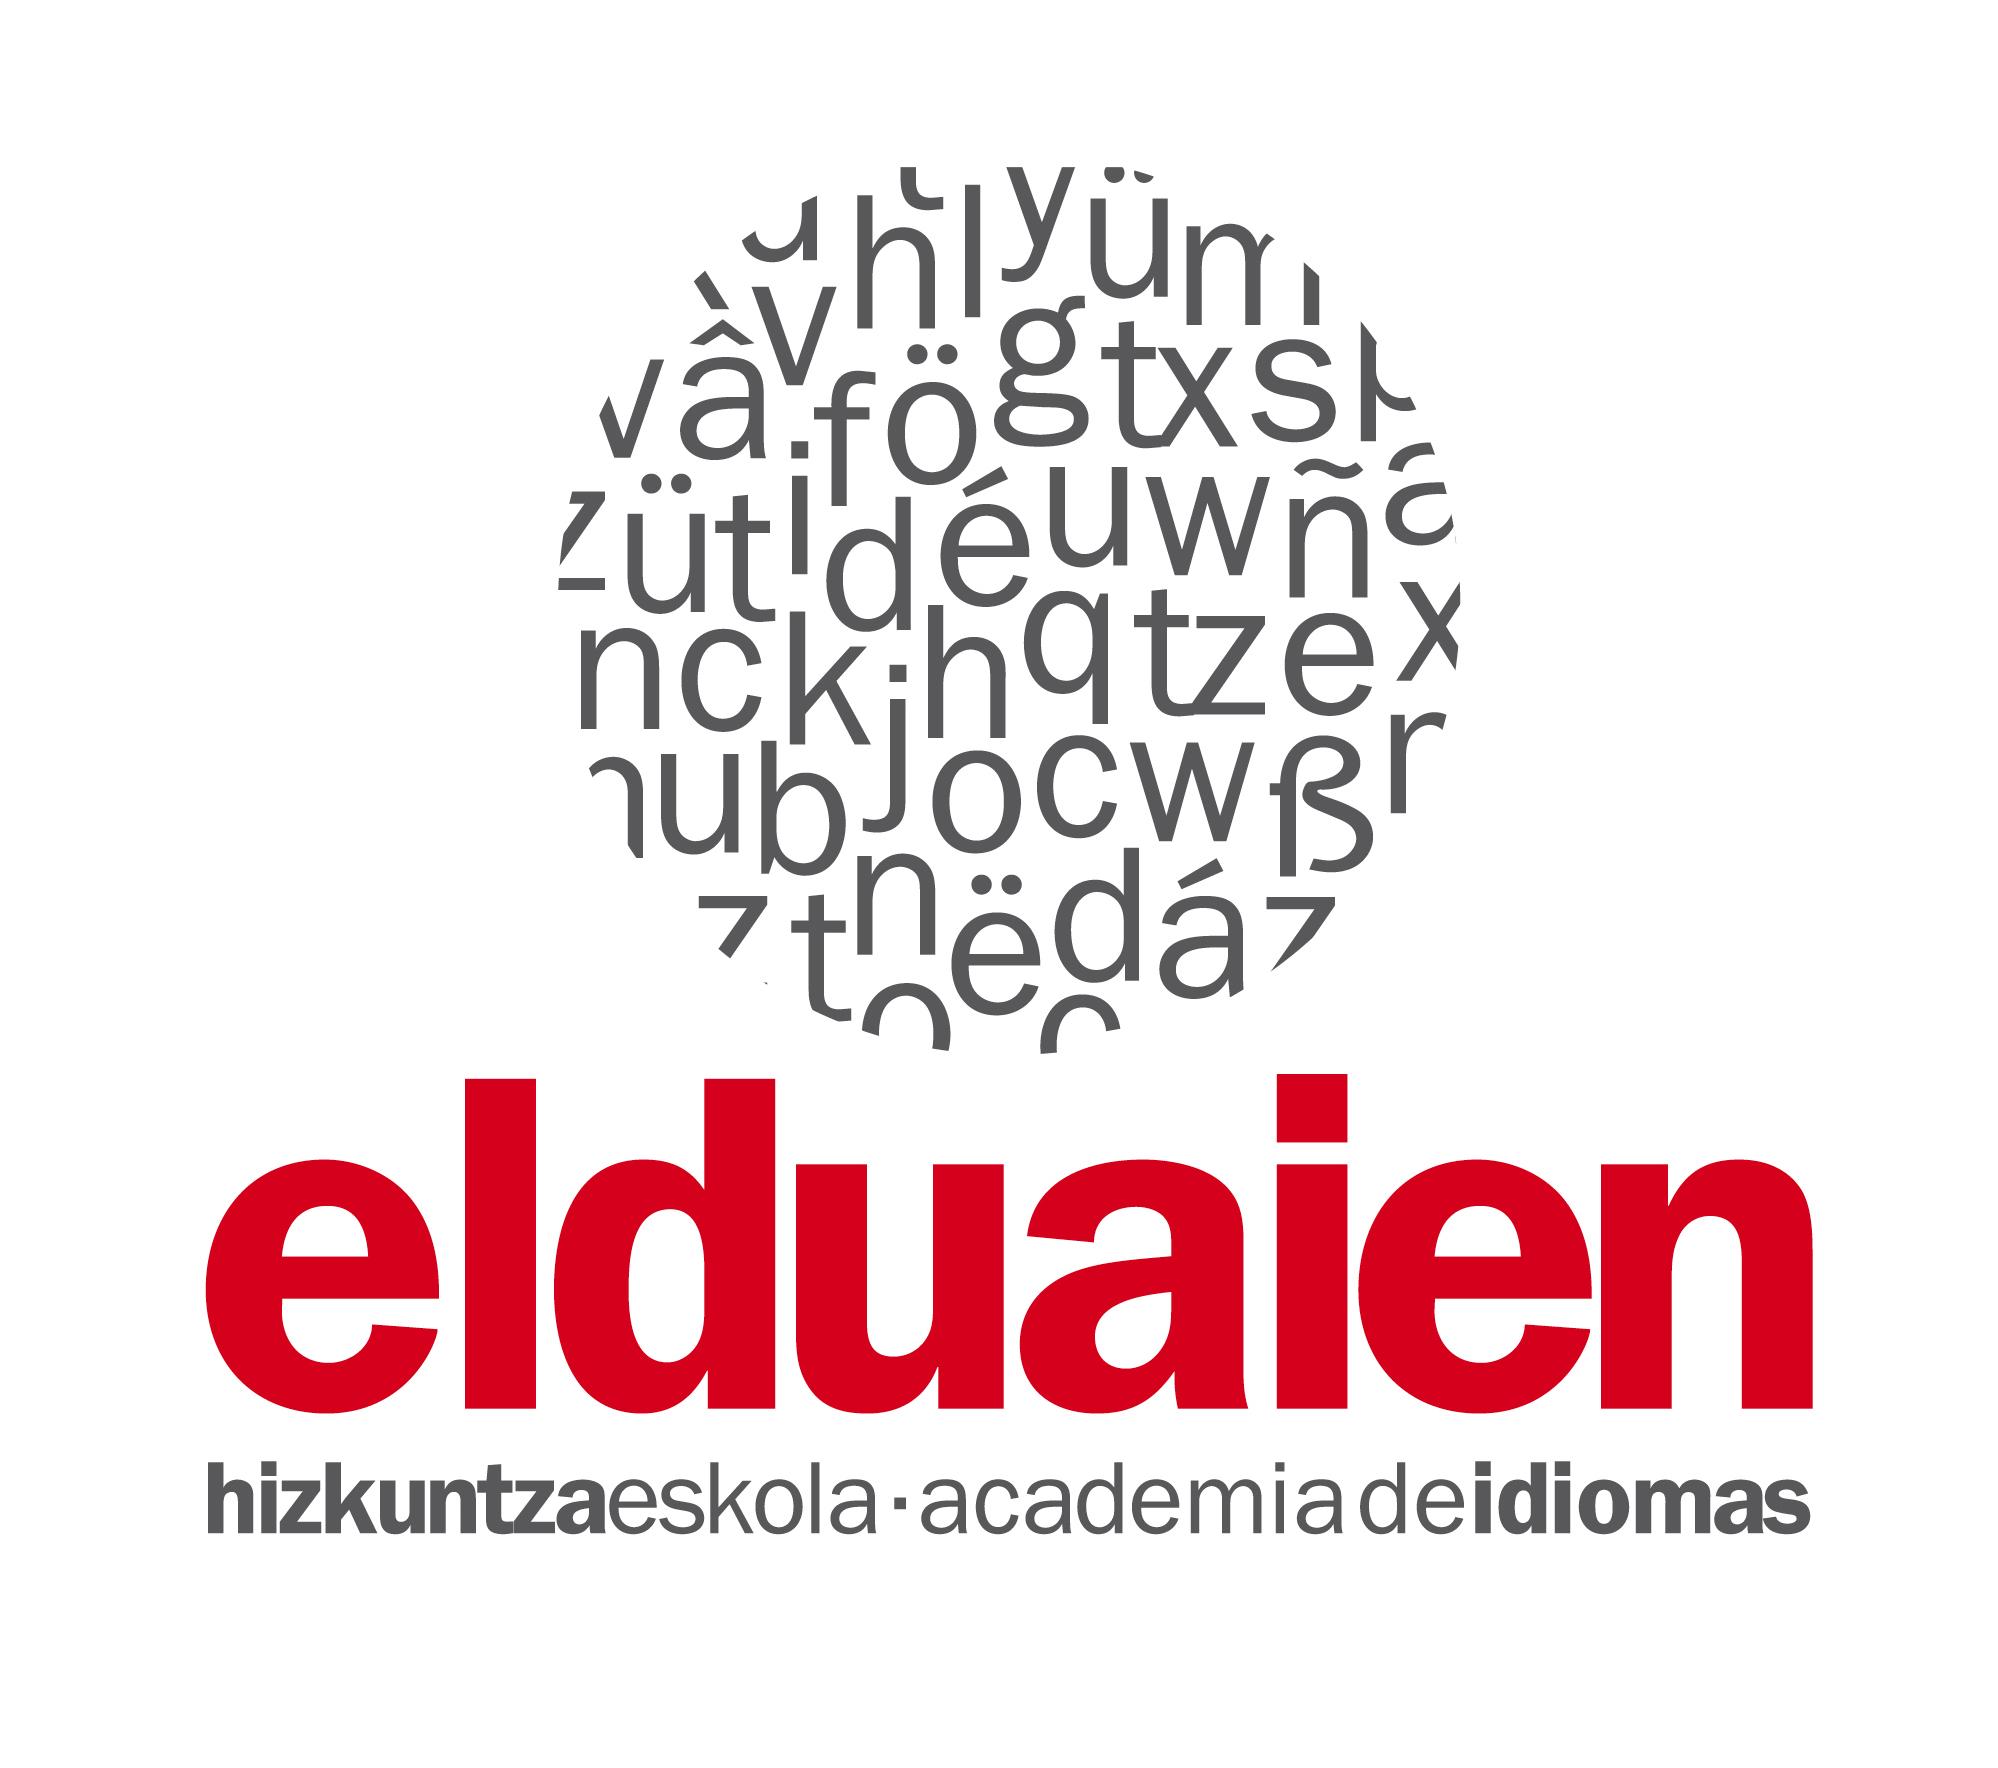 Elduaien Irun